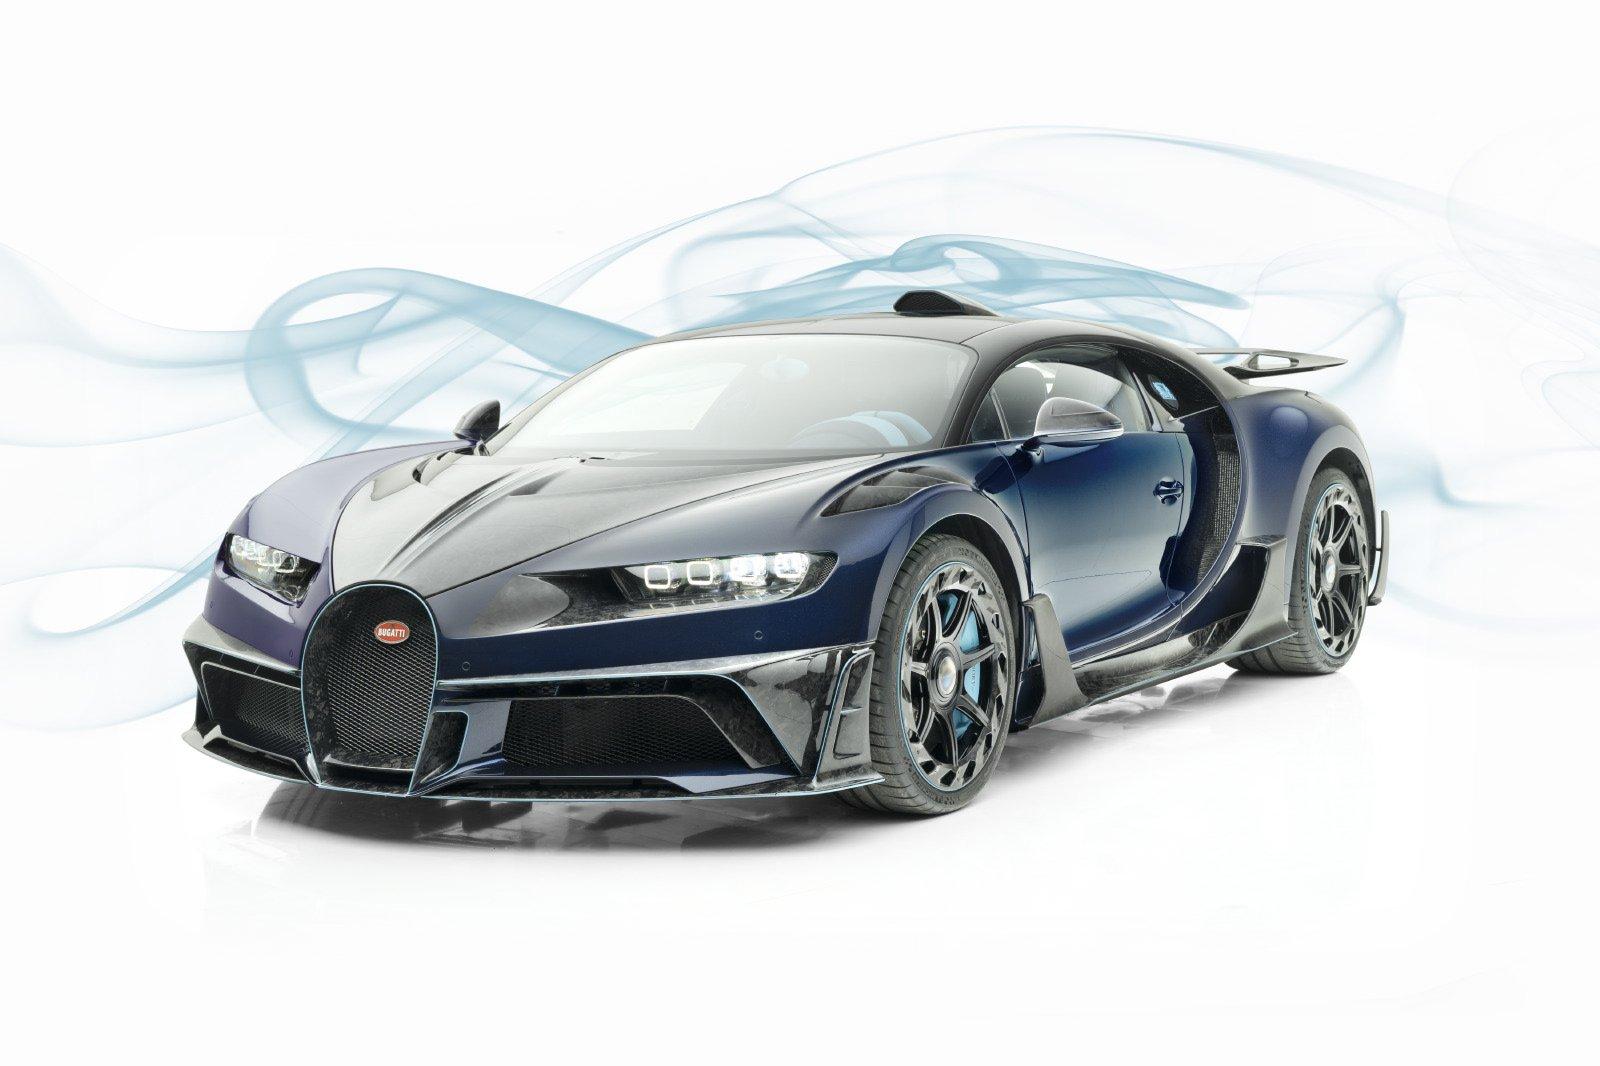 Некто продает через сайт Mobile.de Bugatti Chiron, прошедший основательный тюнинг в ателье Mansory